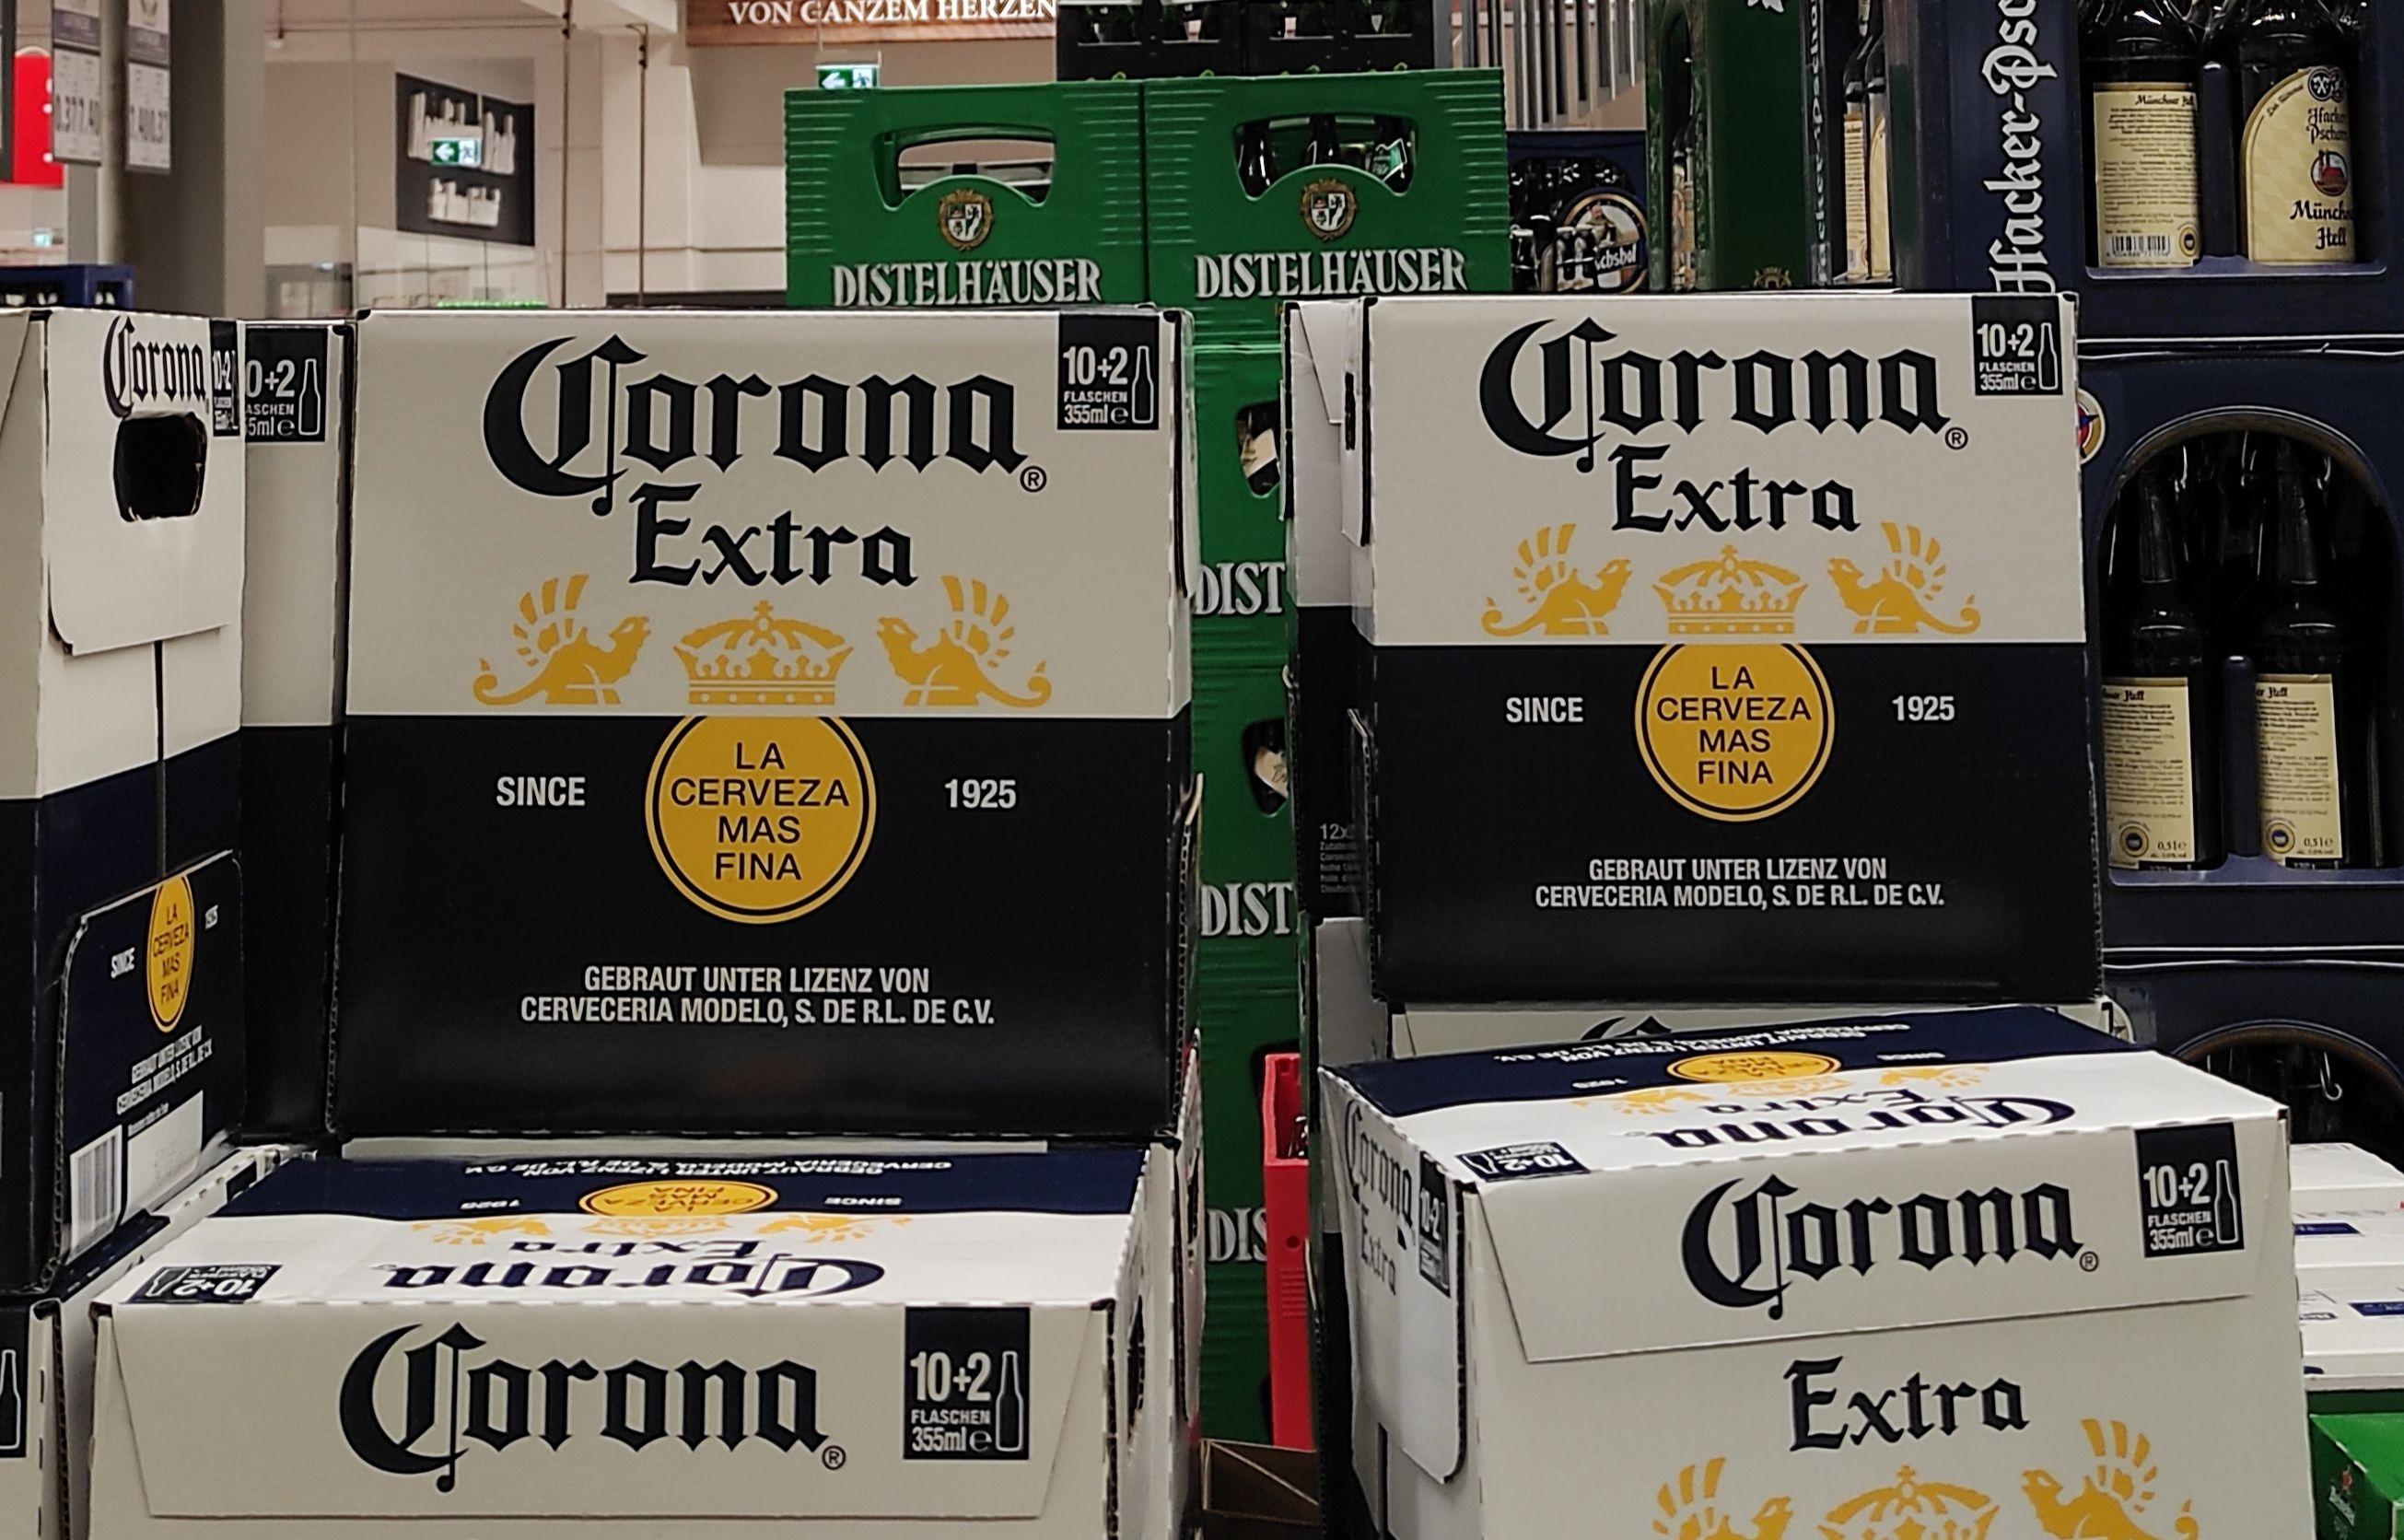 Corona Bier Kaufland 12 330ml flaschen